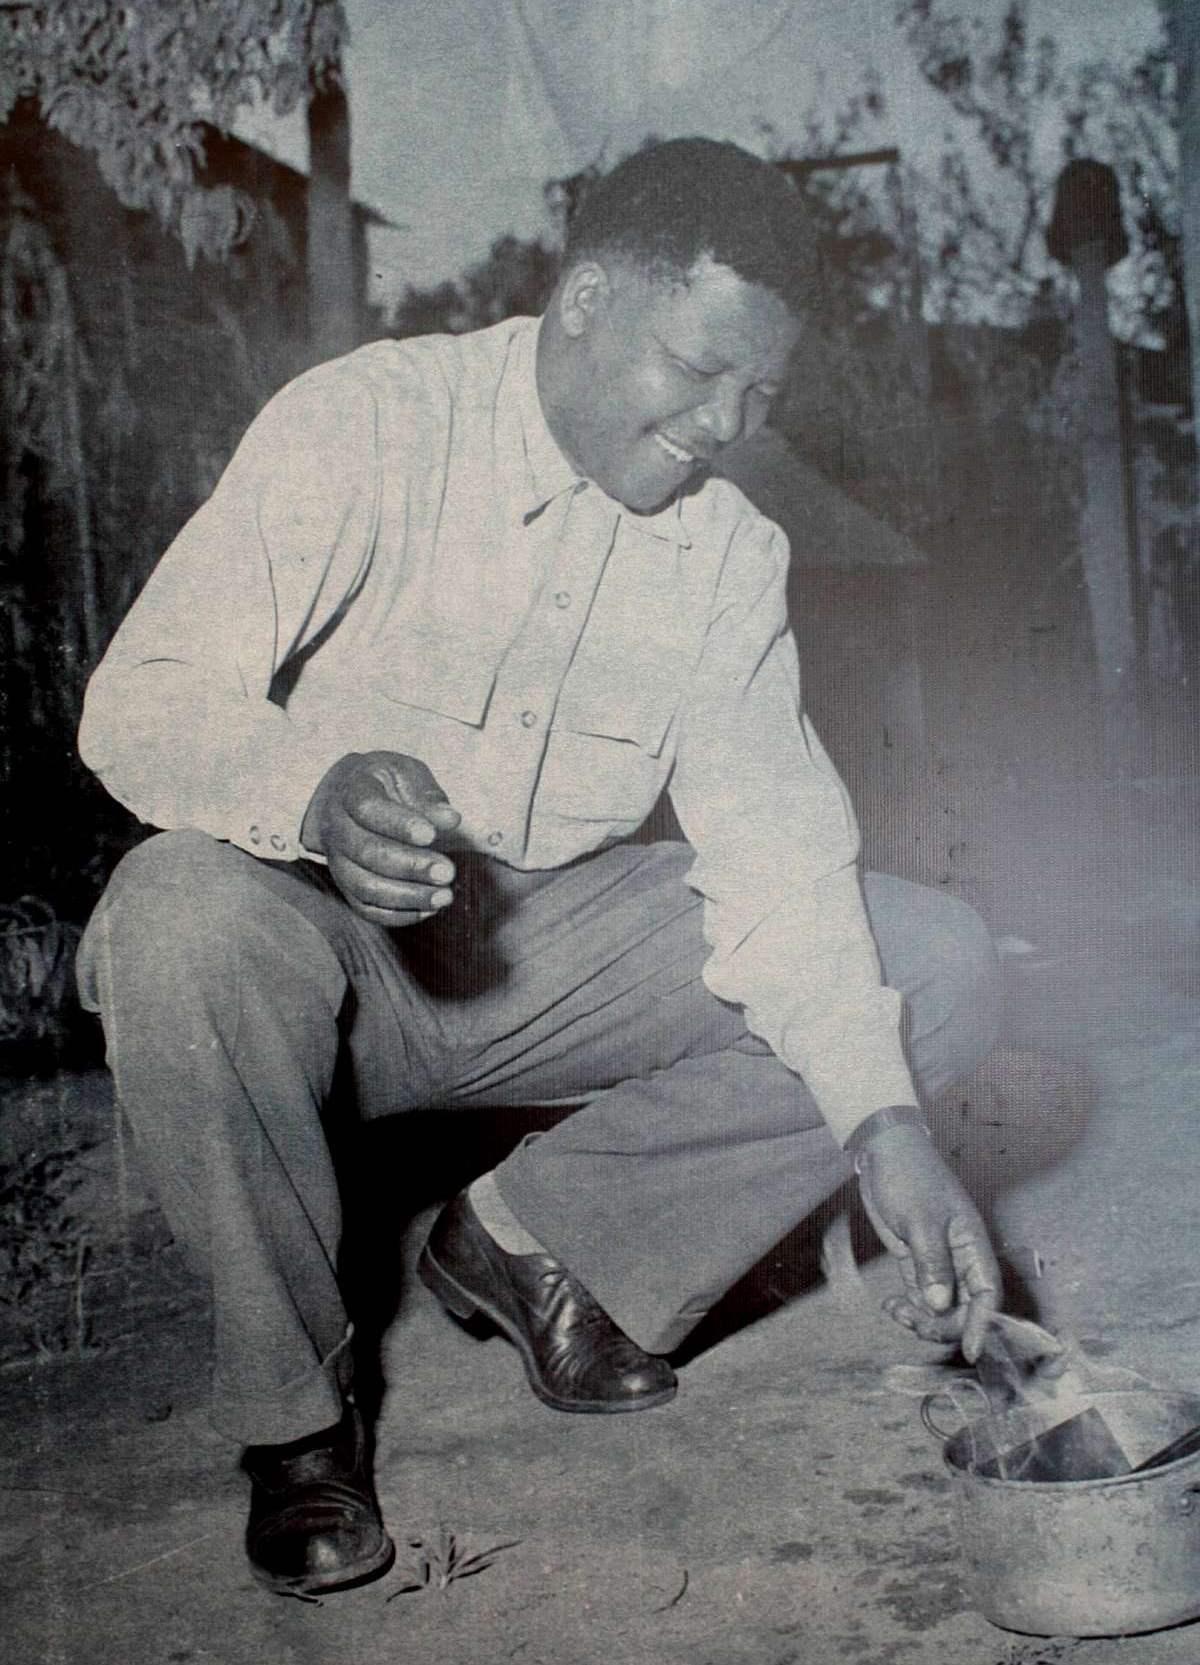 Nelson Mandela nel 1960, ritratto mentre brucia uno dei lasciapassare imposti ai neri dal governo sudafricano dell'apartheid